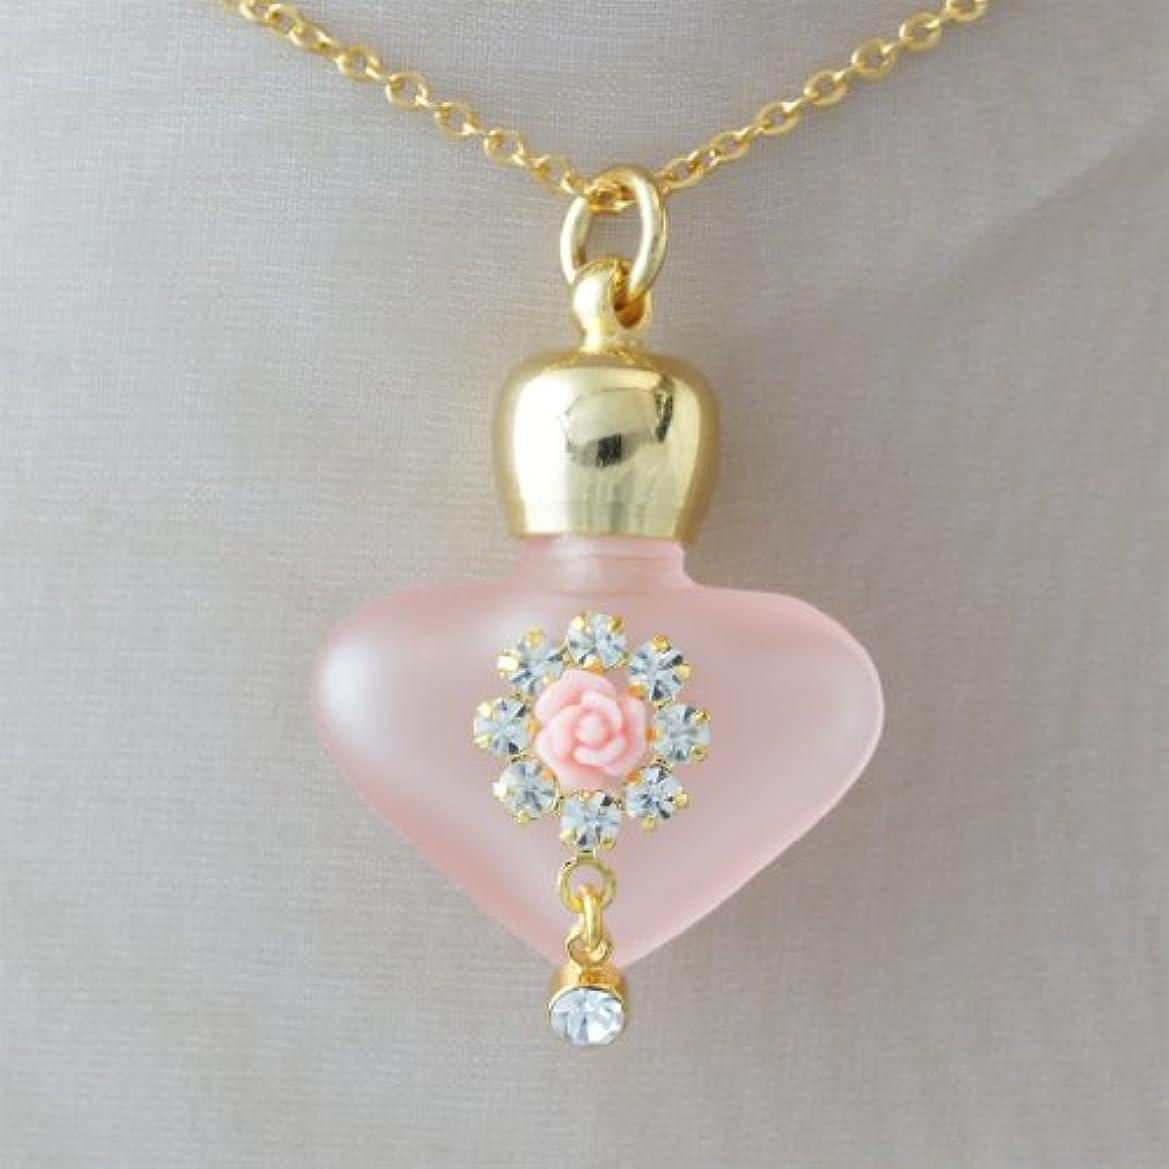 パーティーレーニン主義保険をかける【天使の小瓶】 ハートフラワー (ピンク)